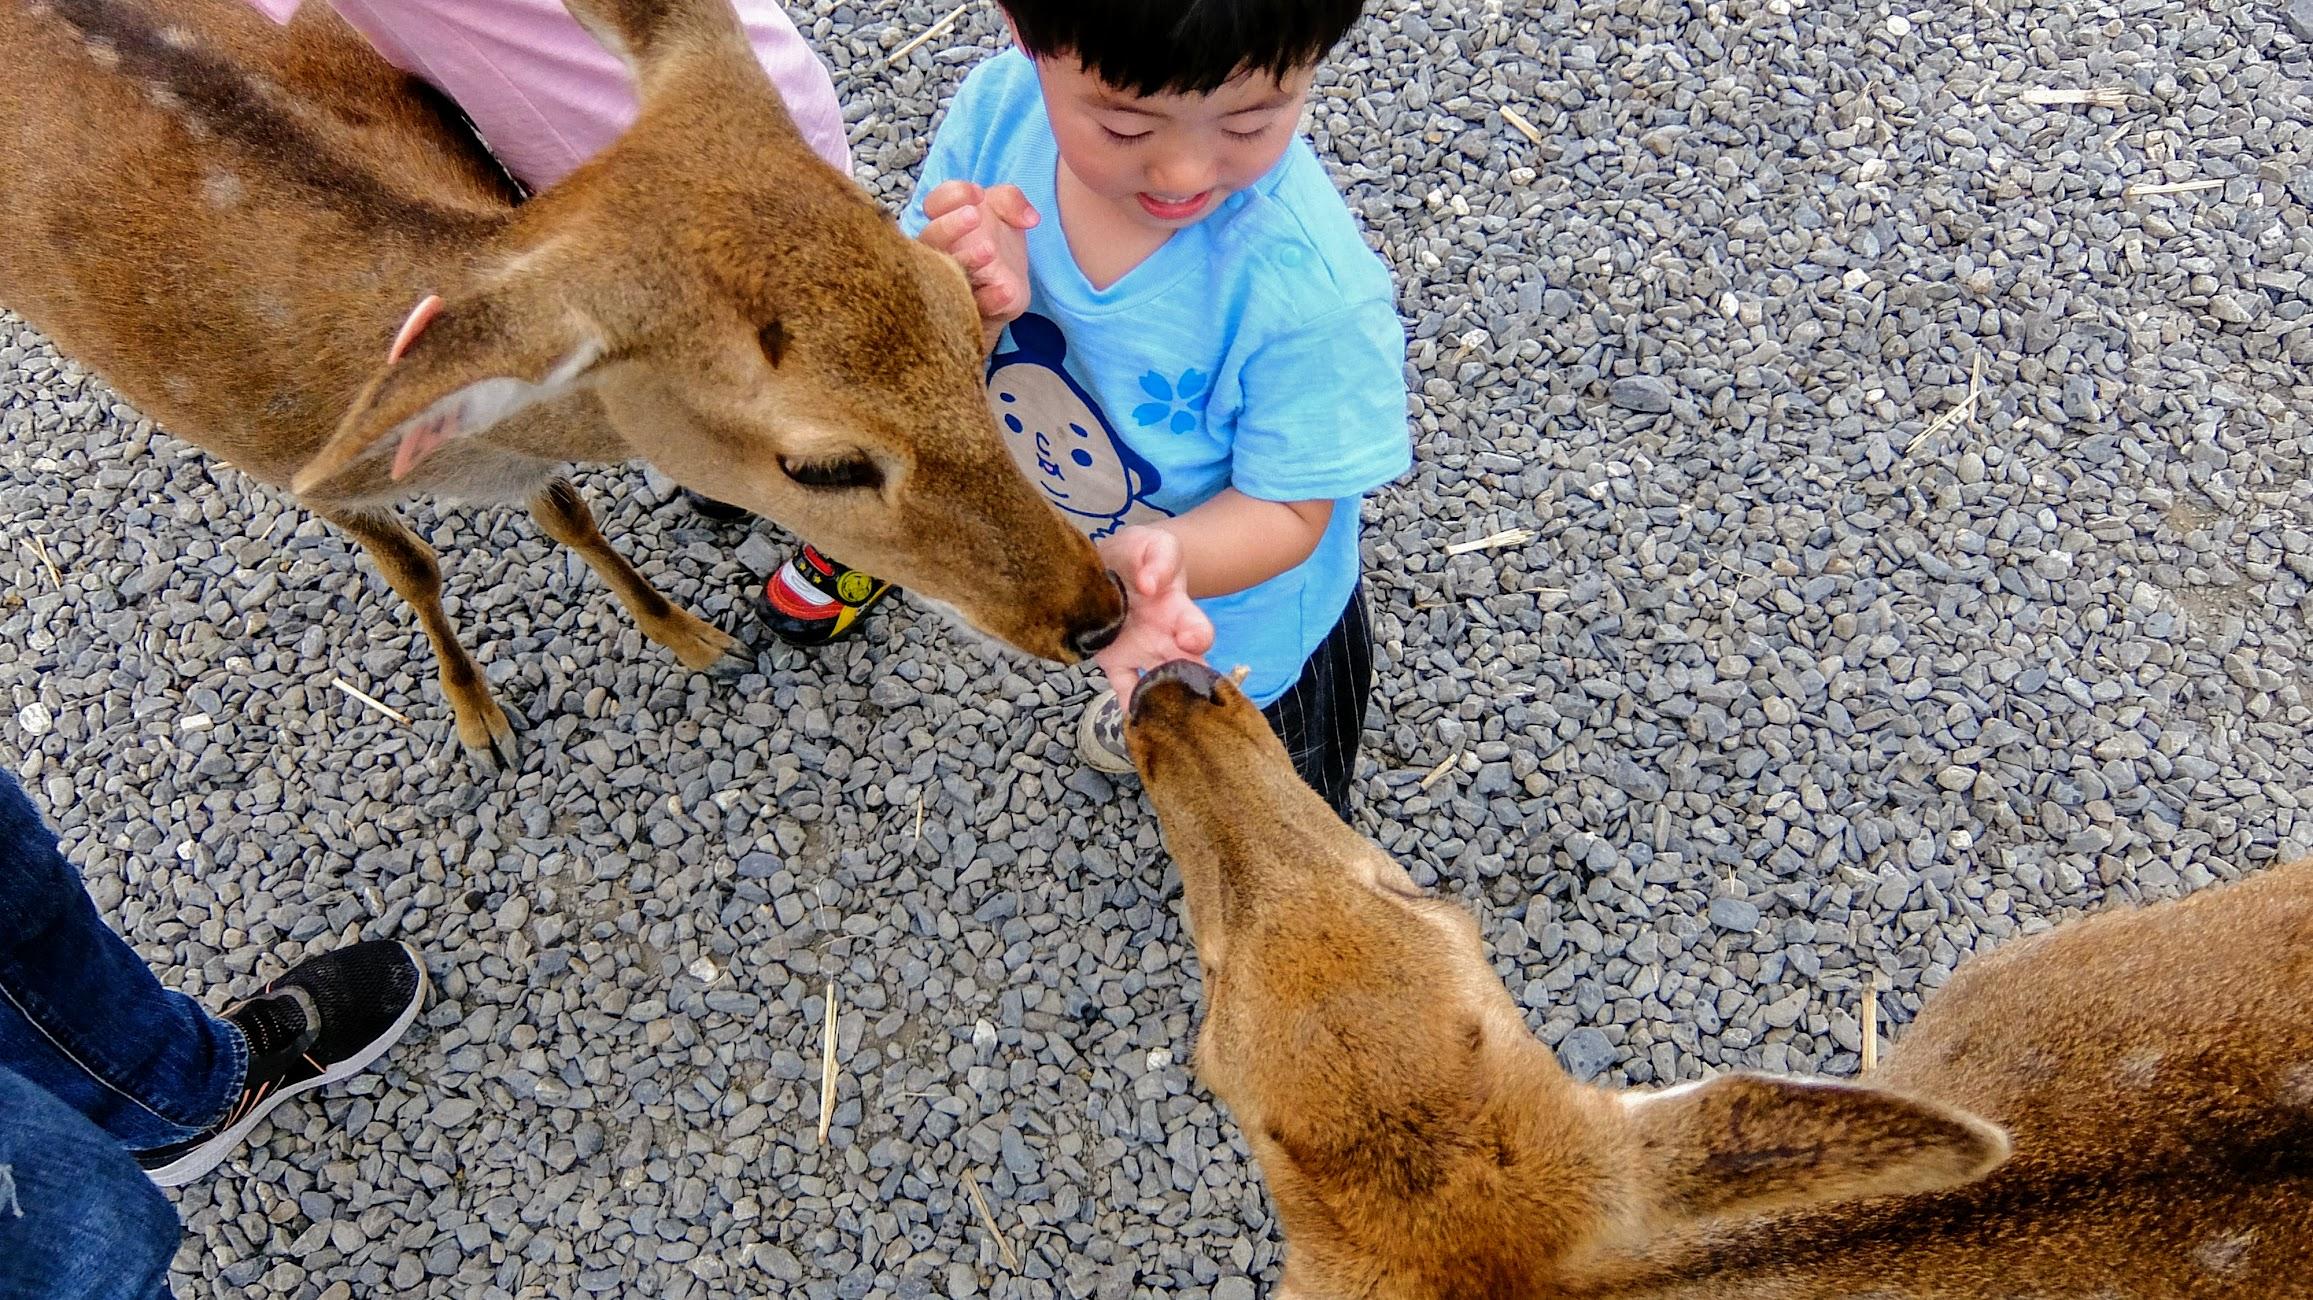 梅花鹿頗溫馴的,所以帶小朋友來親子遊是很棒的一件事情...